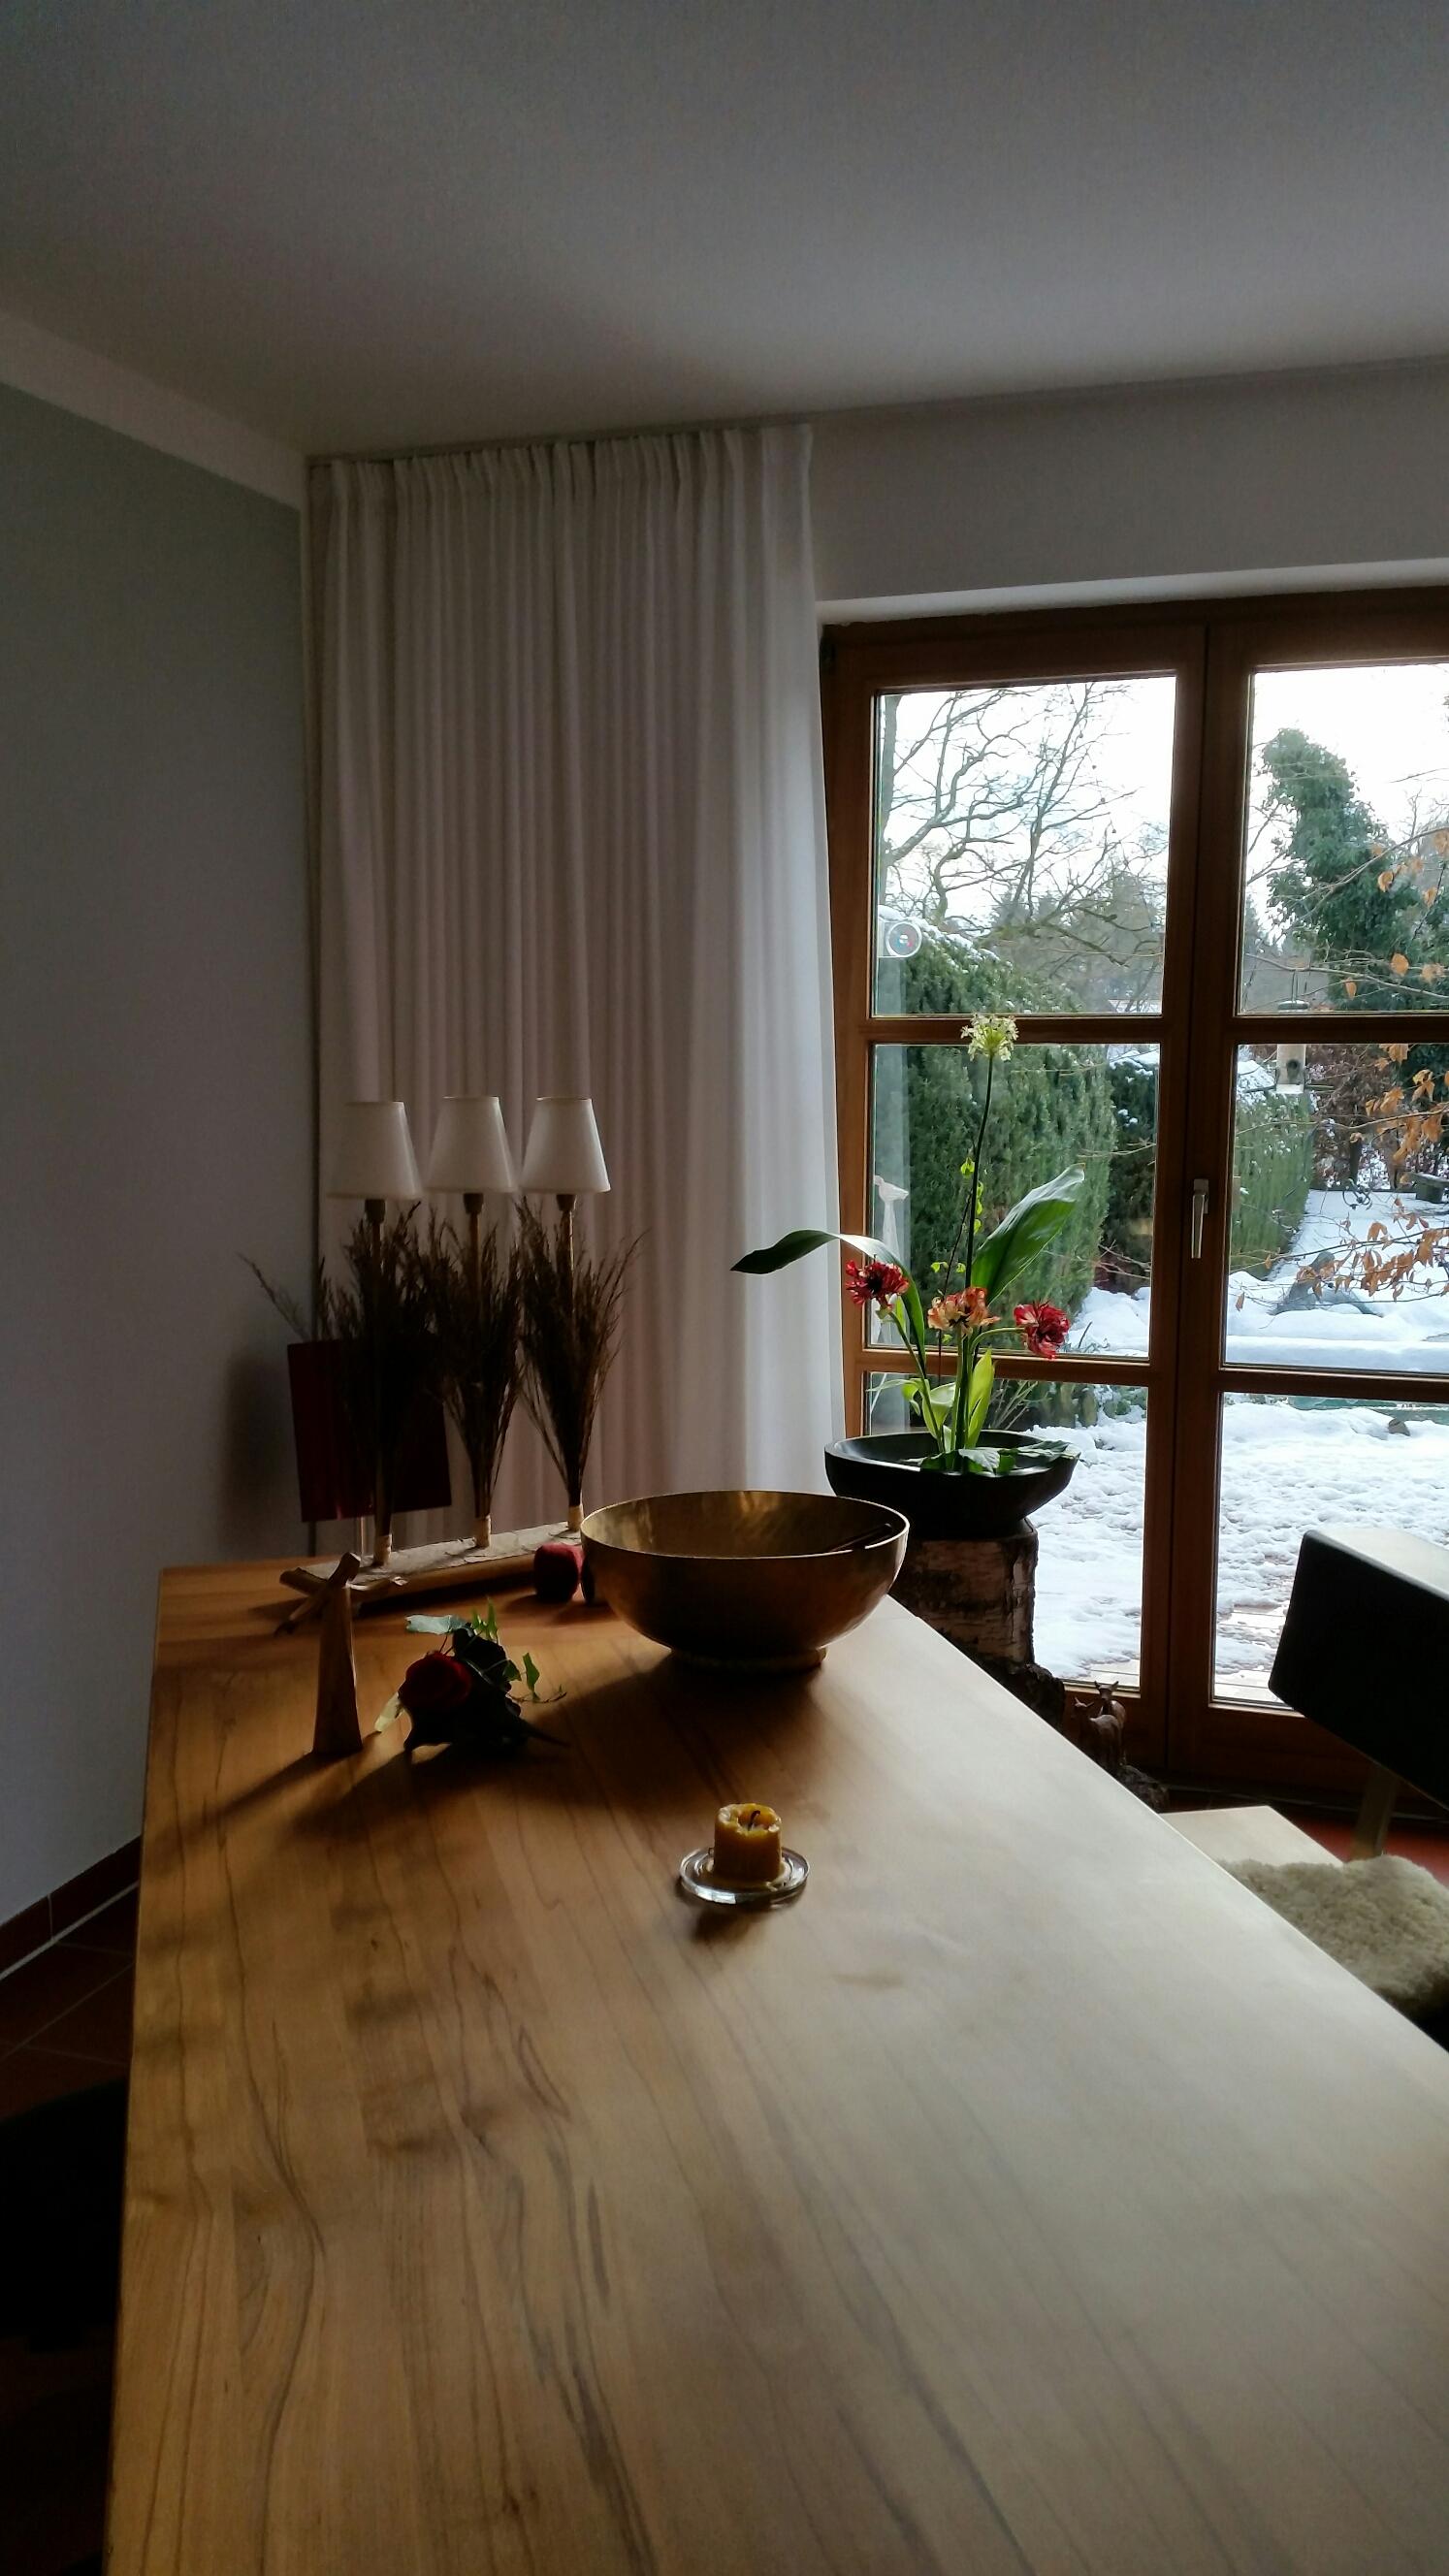 einrichtung f r individualisten gessertshausen raumausstatter germscheid. Black Bedroom Furniture Sets. Home Design Ideas